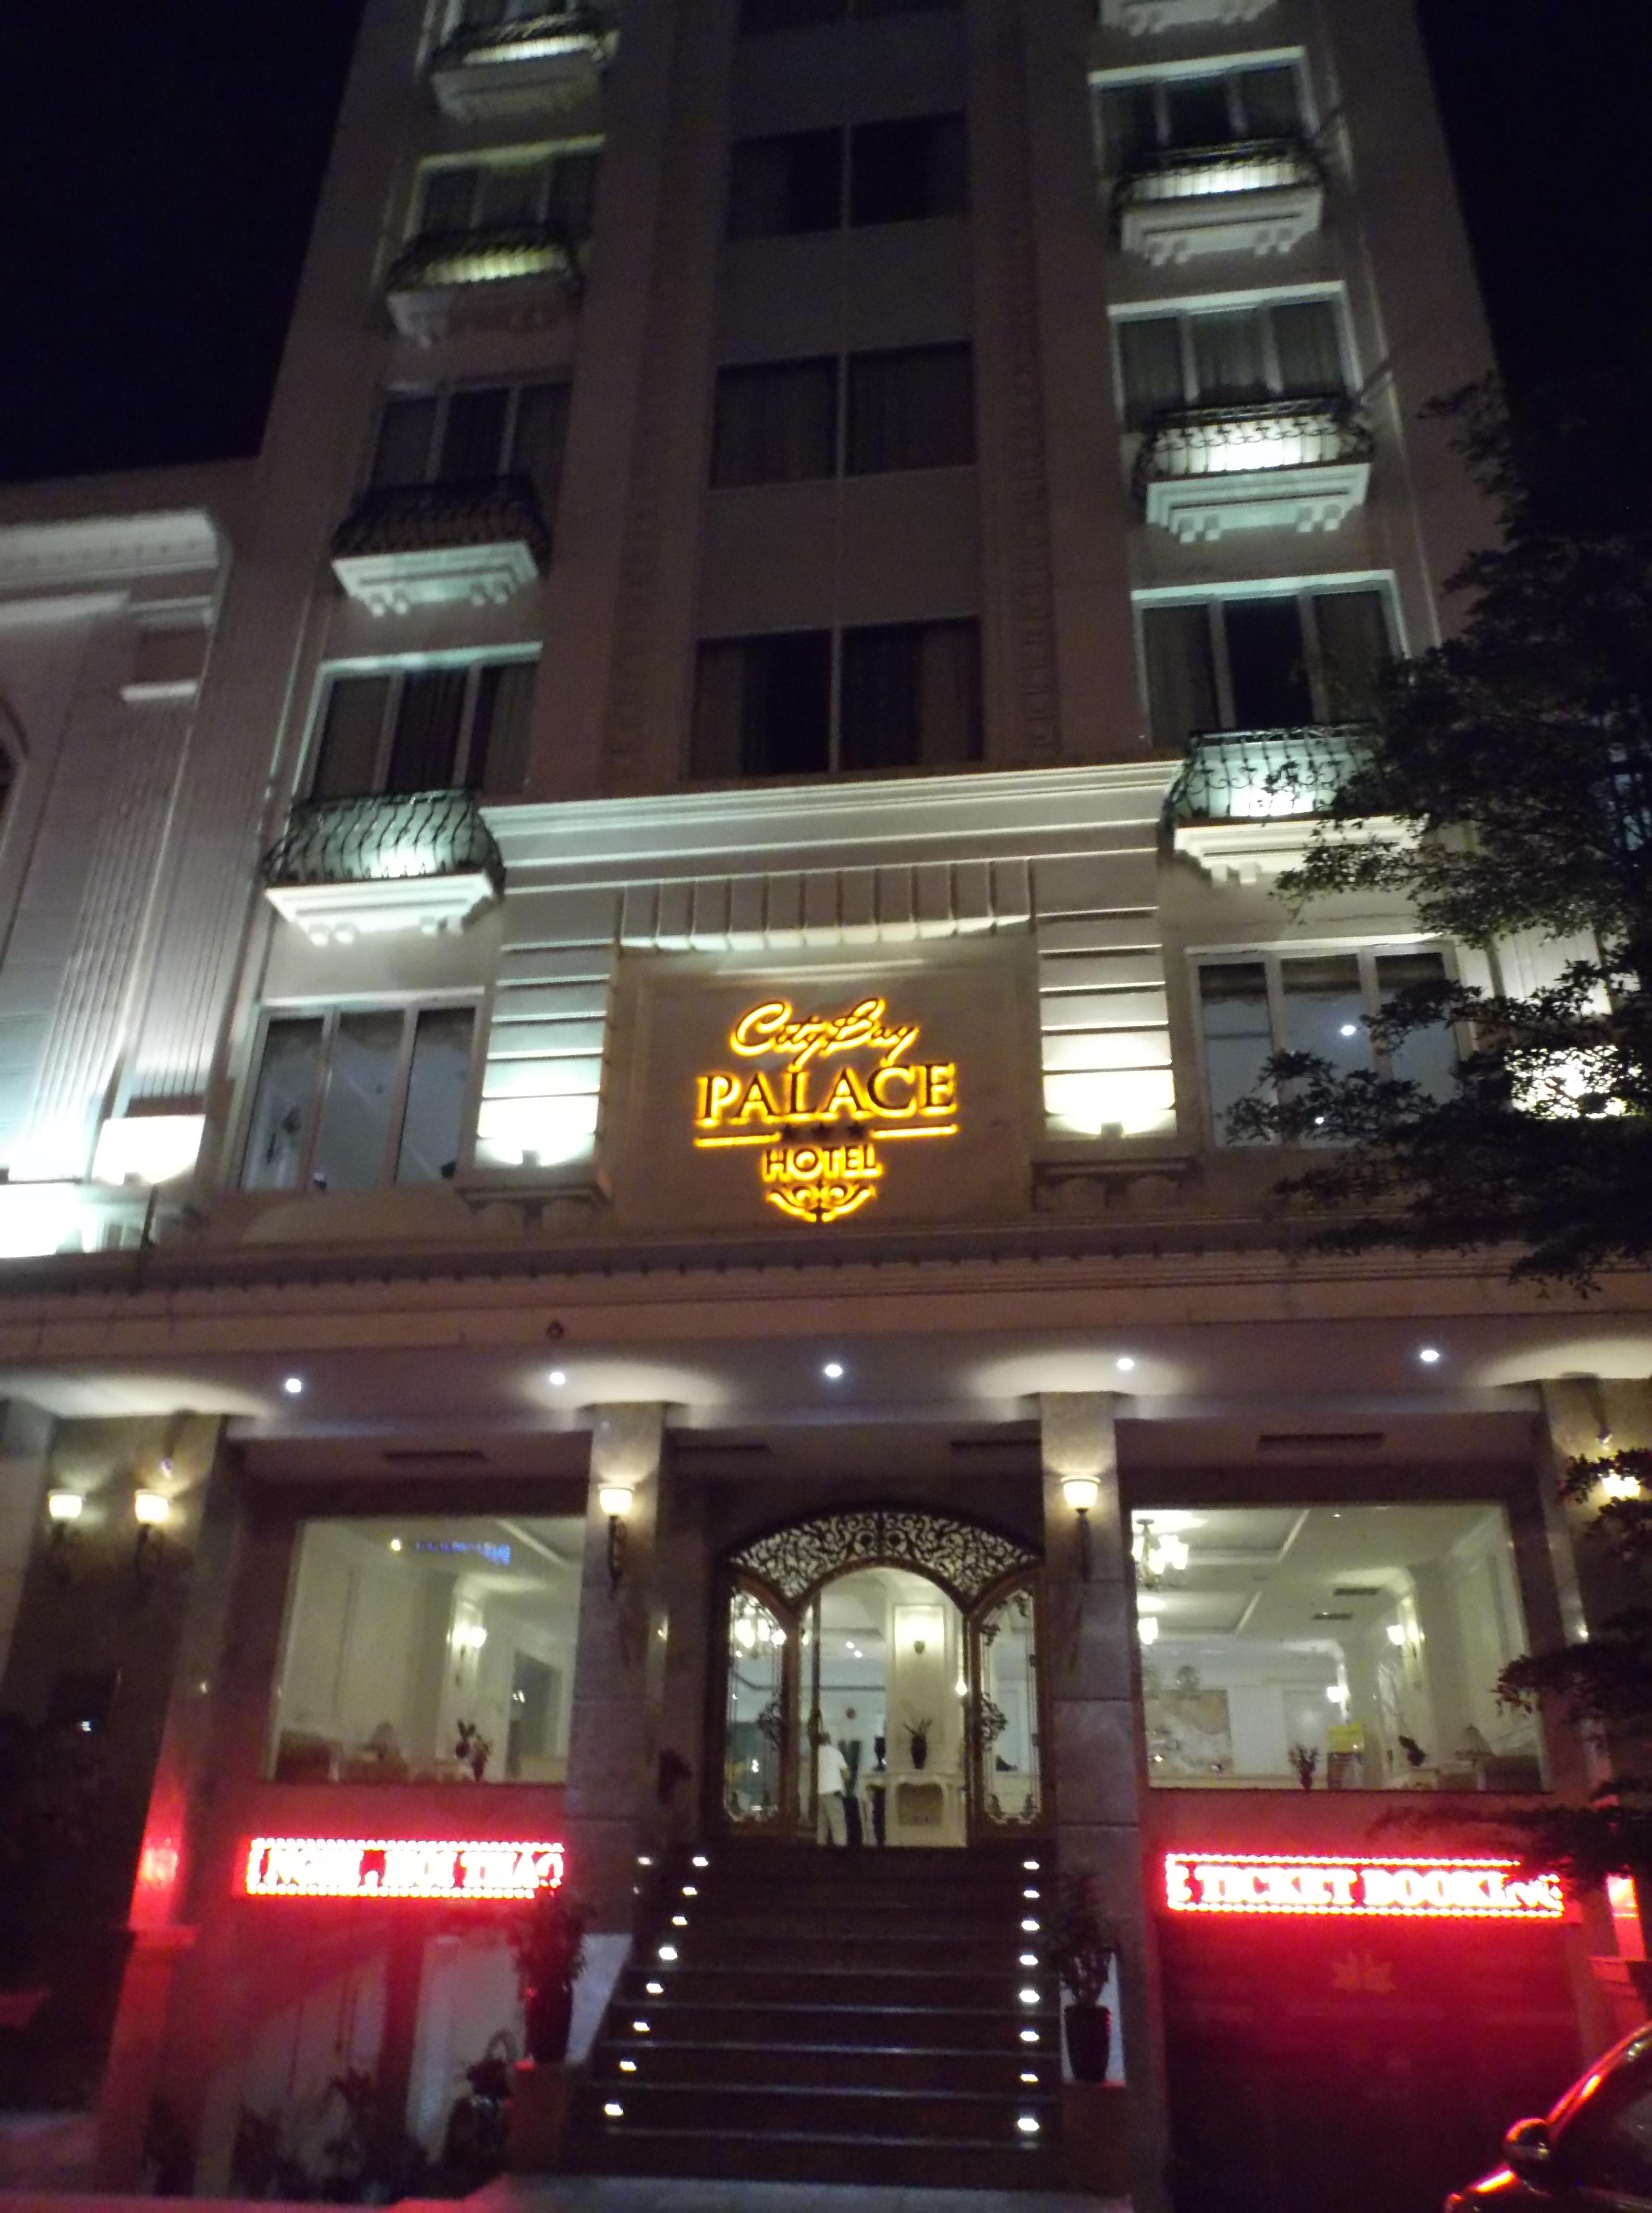 City Bay Palace, l'hôtel à la place de la nuit sur le bateau